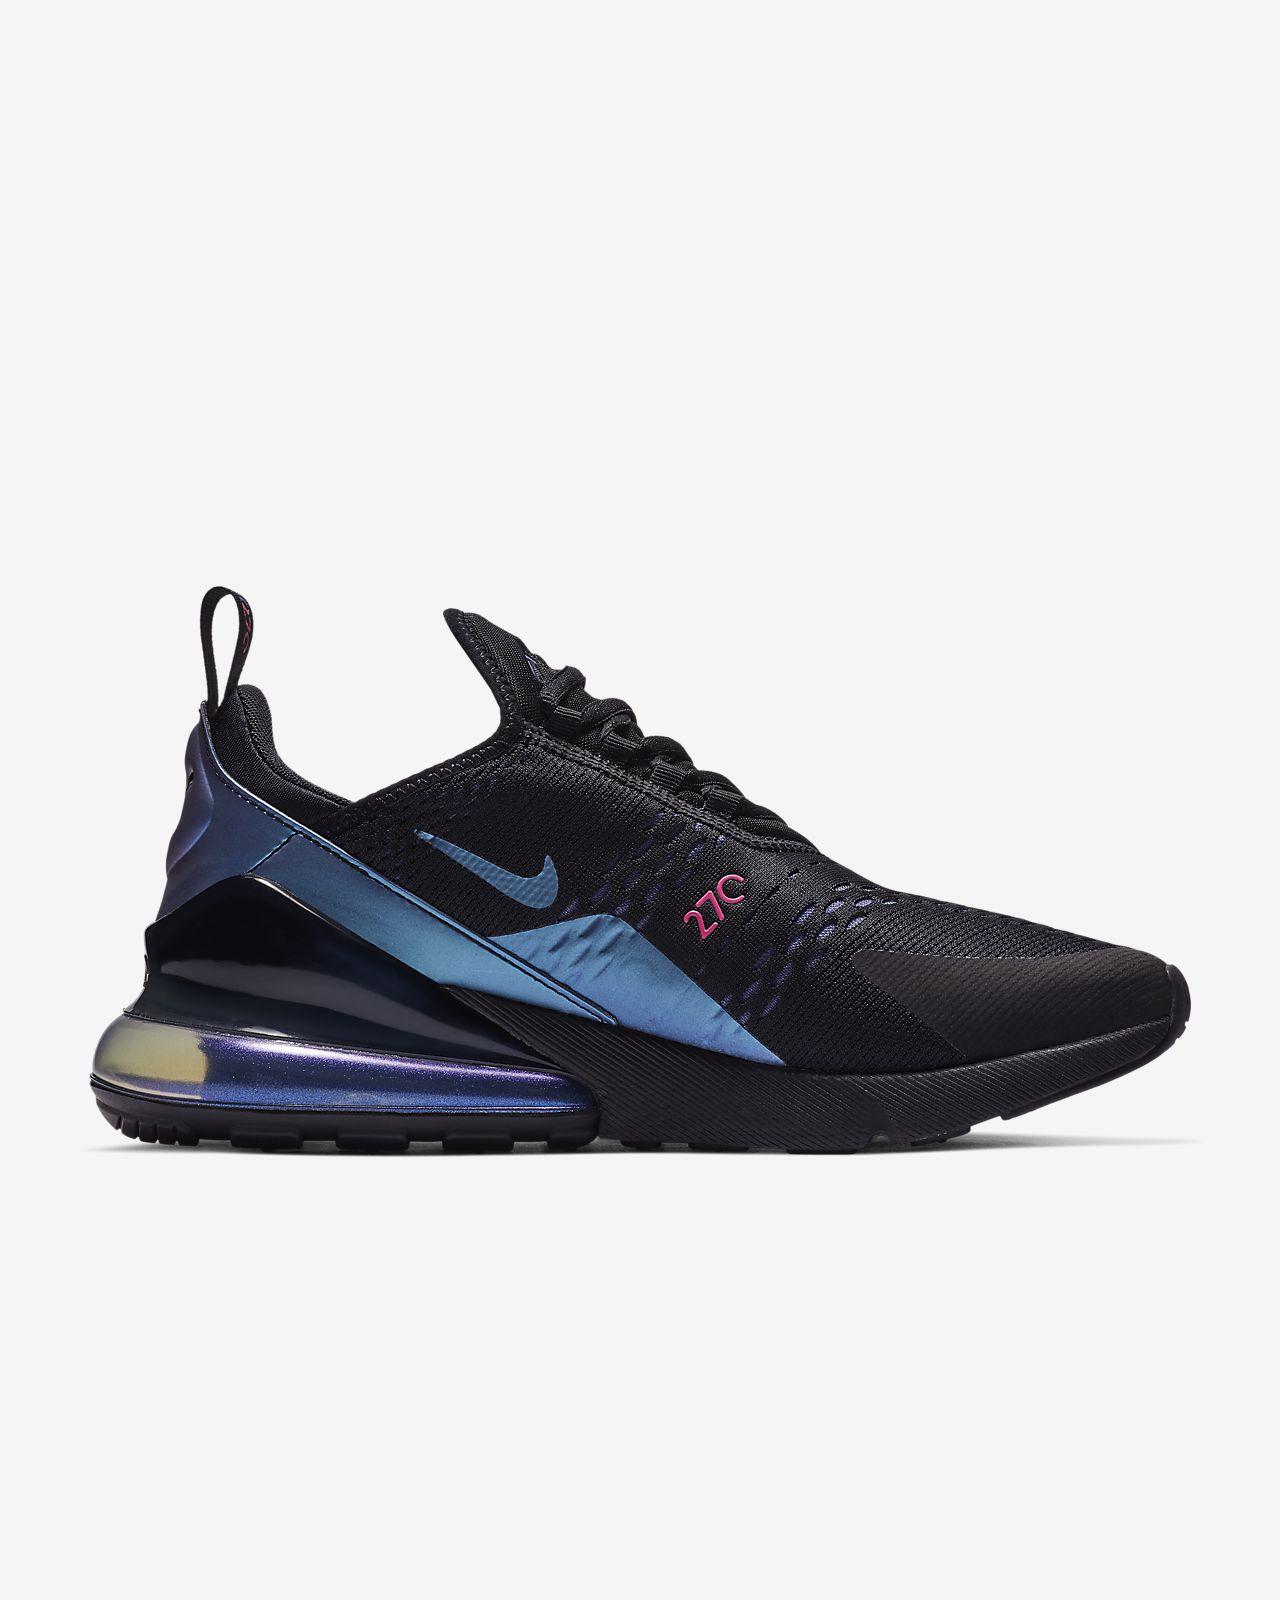 new concept 1de73 e4672 ... Nike Air Max 270 Zapatillas - Hombre